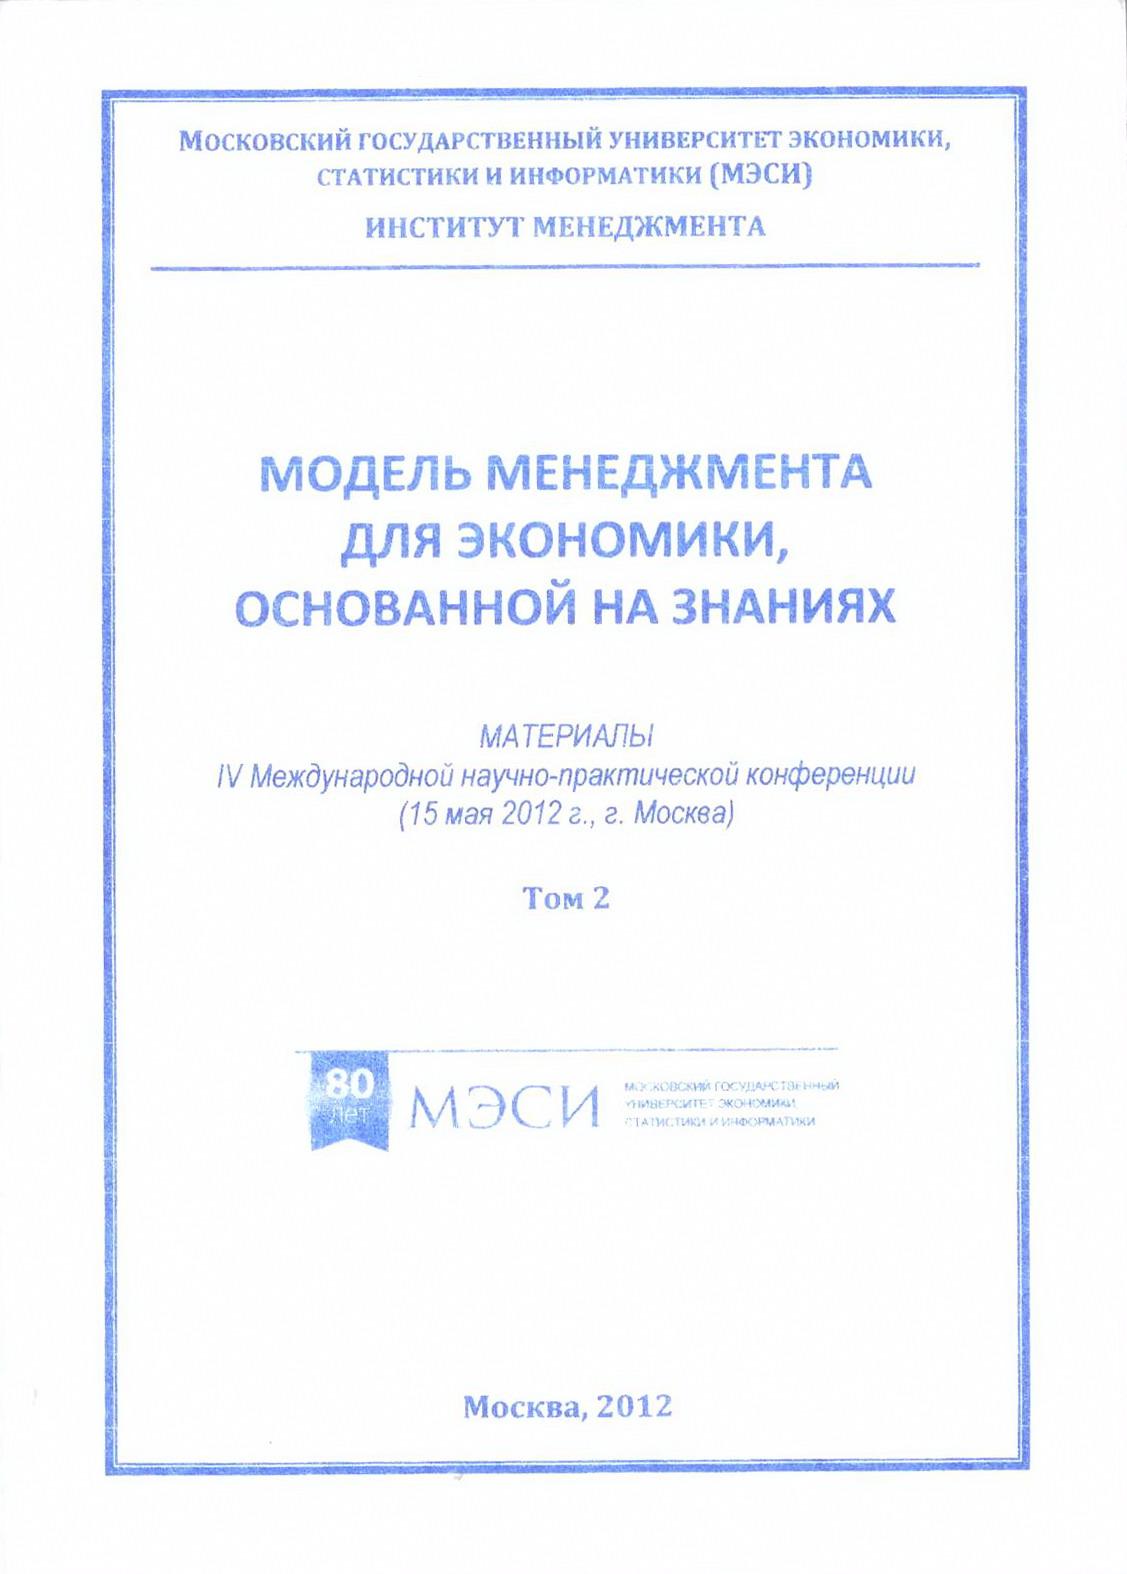 Инструменты психодиагностики как средство работы над личностными компетенциями менеджеров среднего звена и других категорий работников